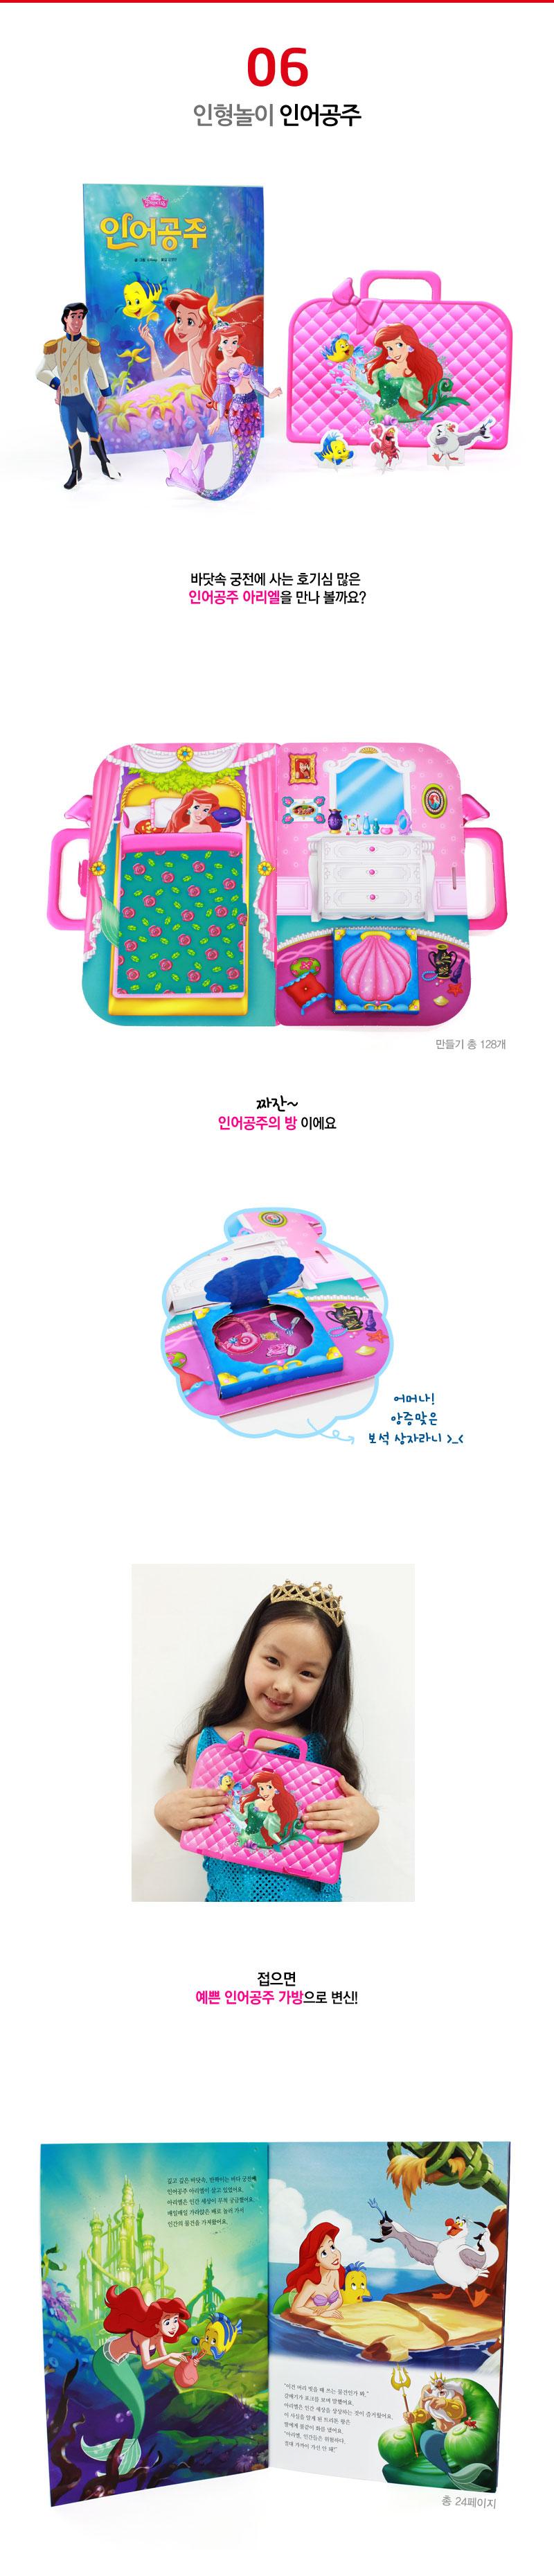 삼성출판사 베스트 캐릭터 놀이북 (인형놀이 6종, 내가만들자 6종)